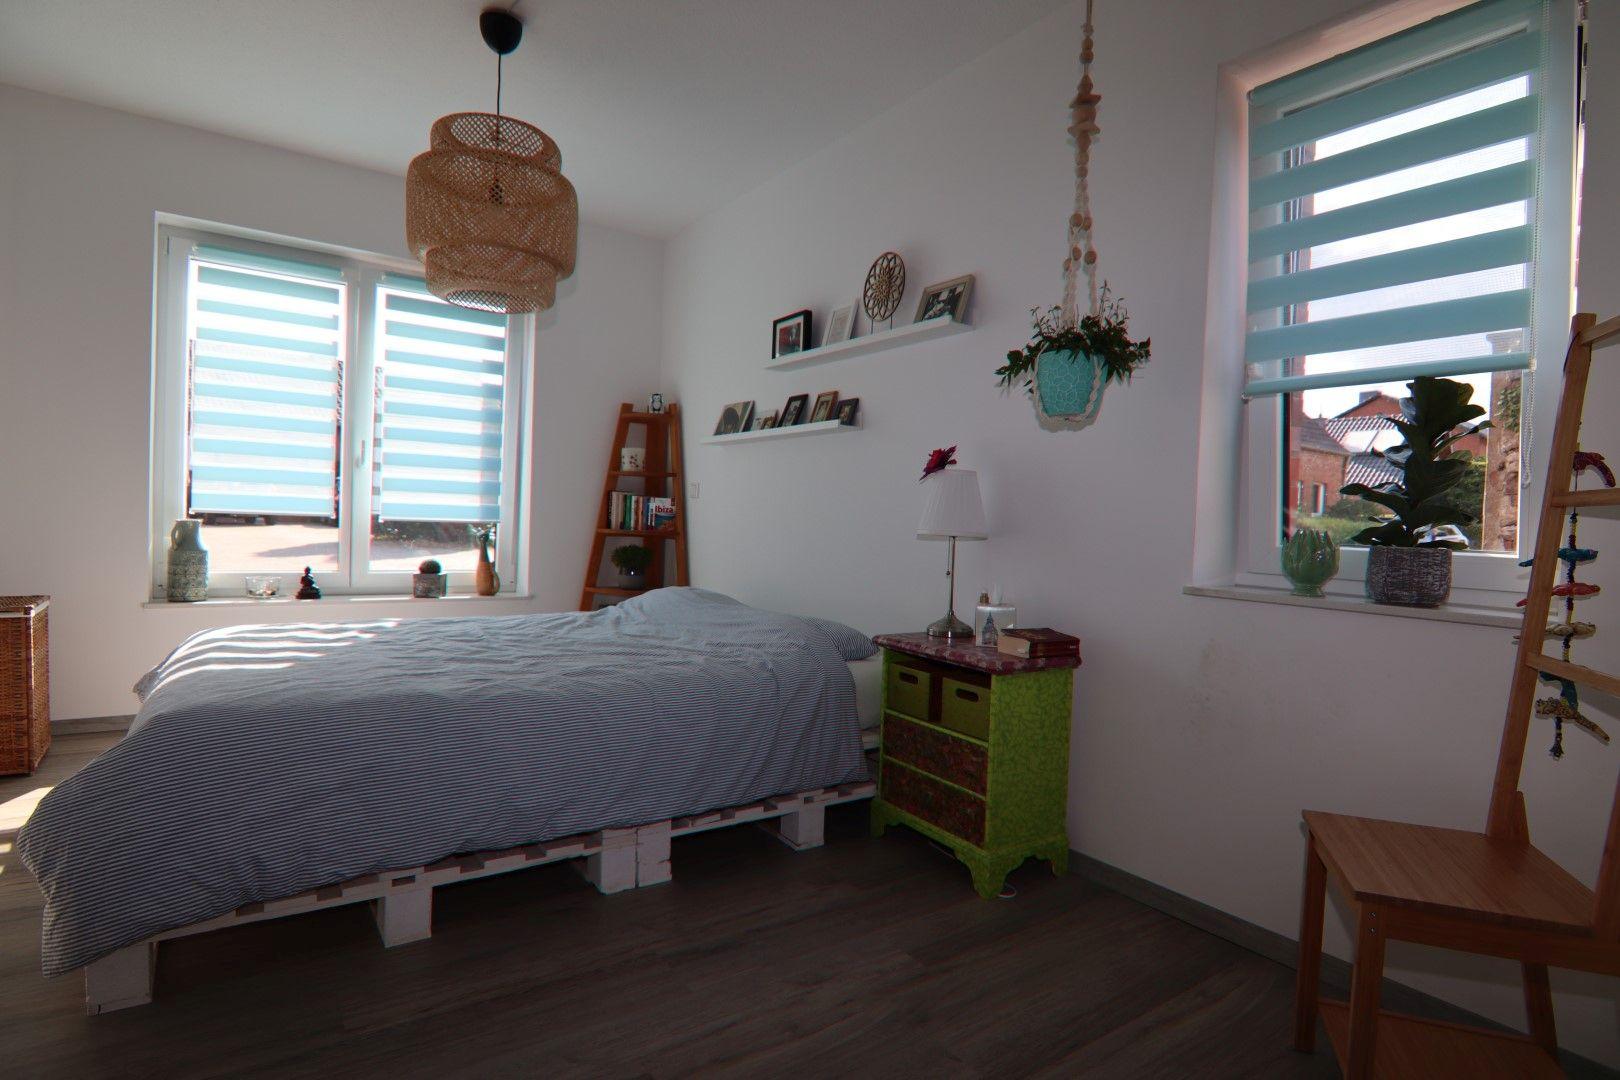 Immobilie Nr.0266 - 2-Raum-Erdgeschoss-Wohnung im Neubau mit hochwertiger Ausstattung - Bild 9.jpg